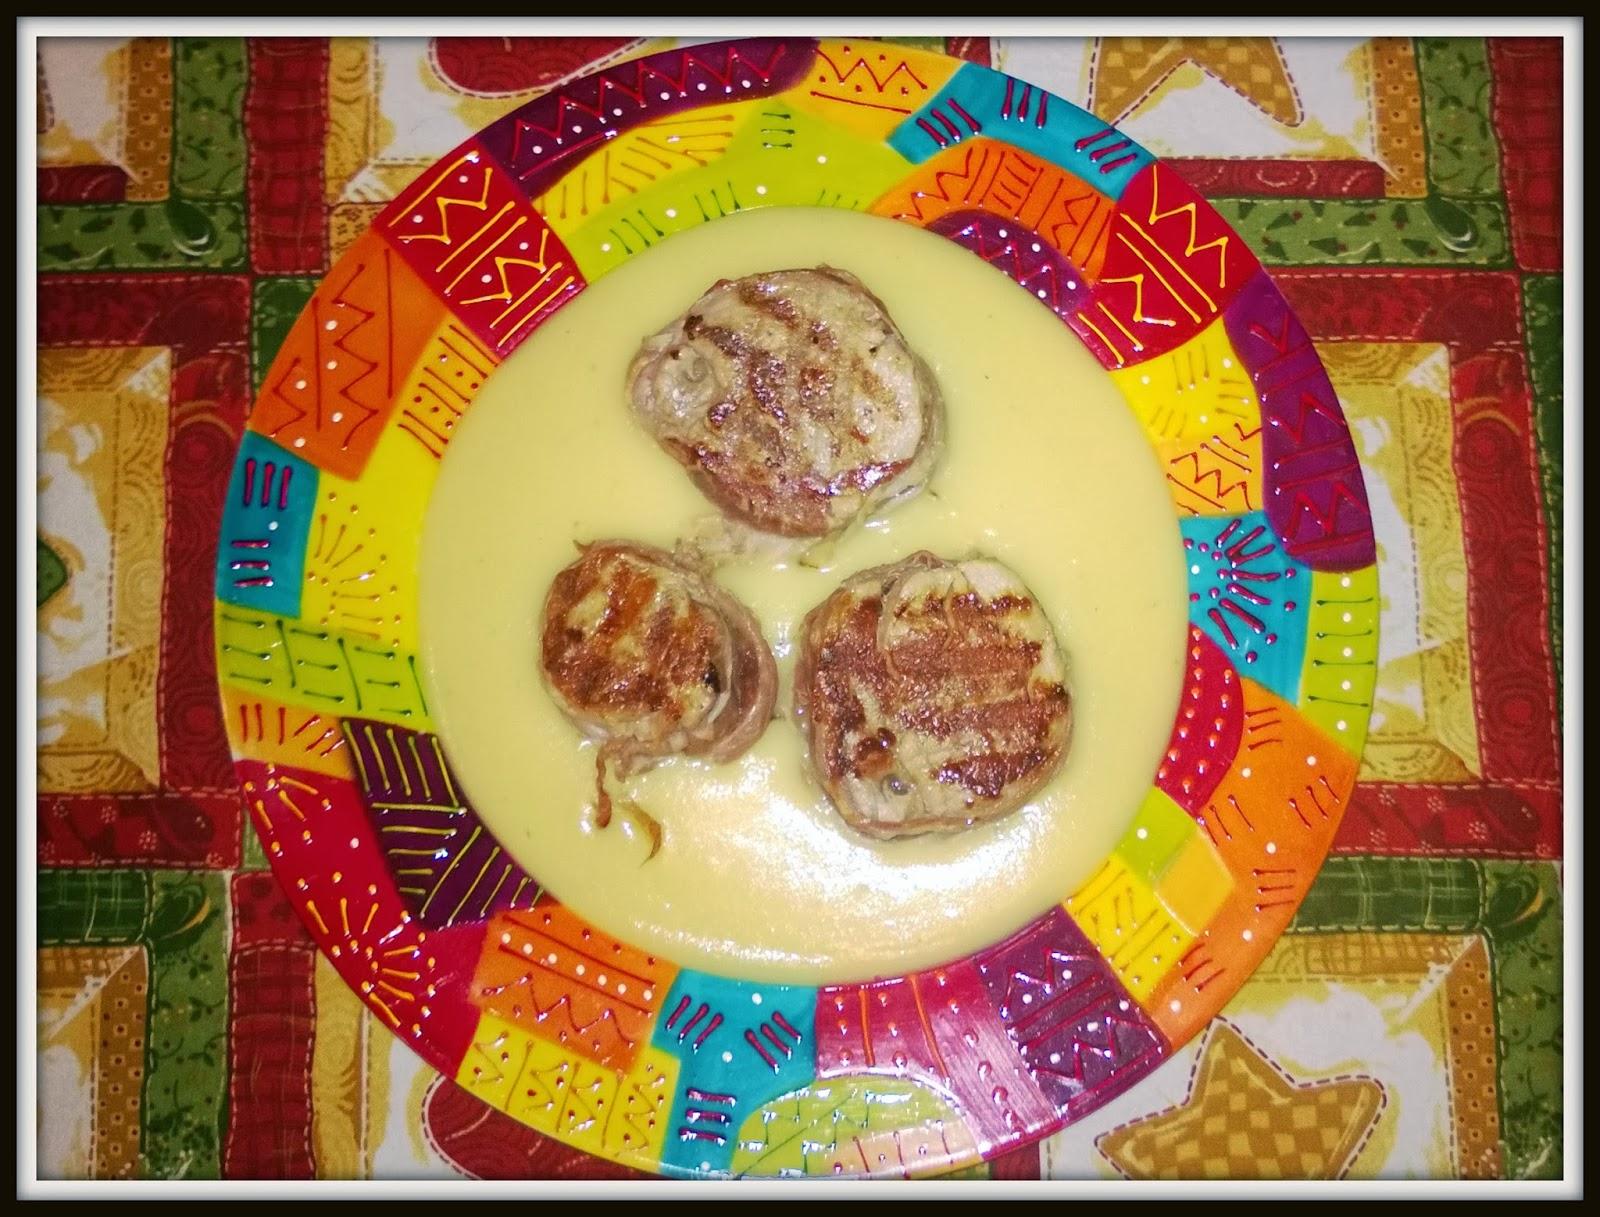 medaglioni di filetto di maiale con zuppetta di patate all'arancia